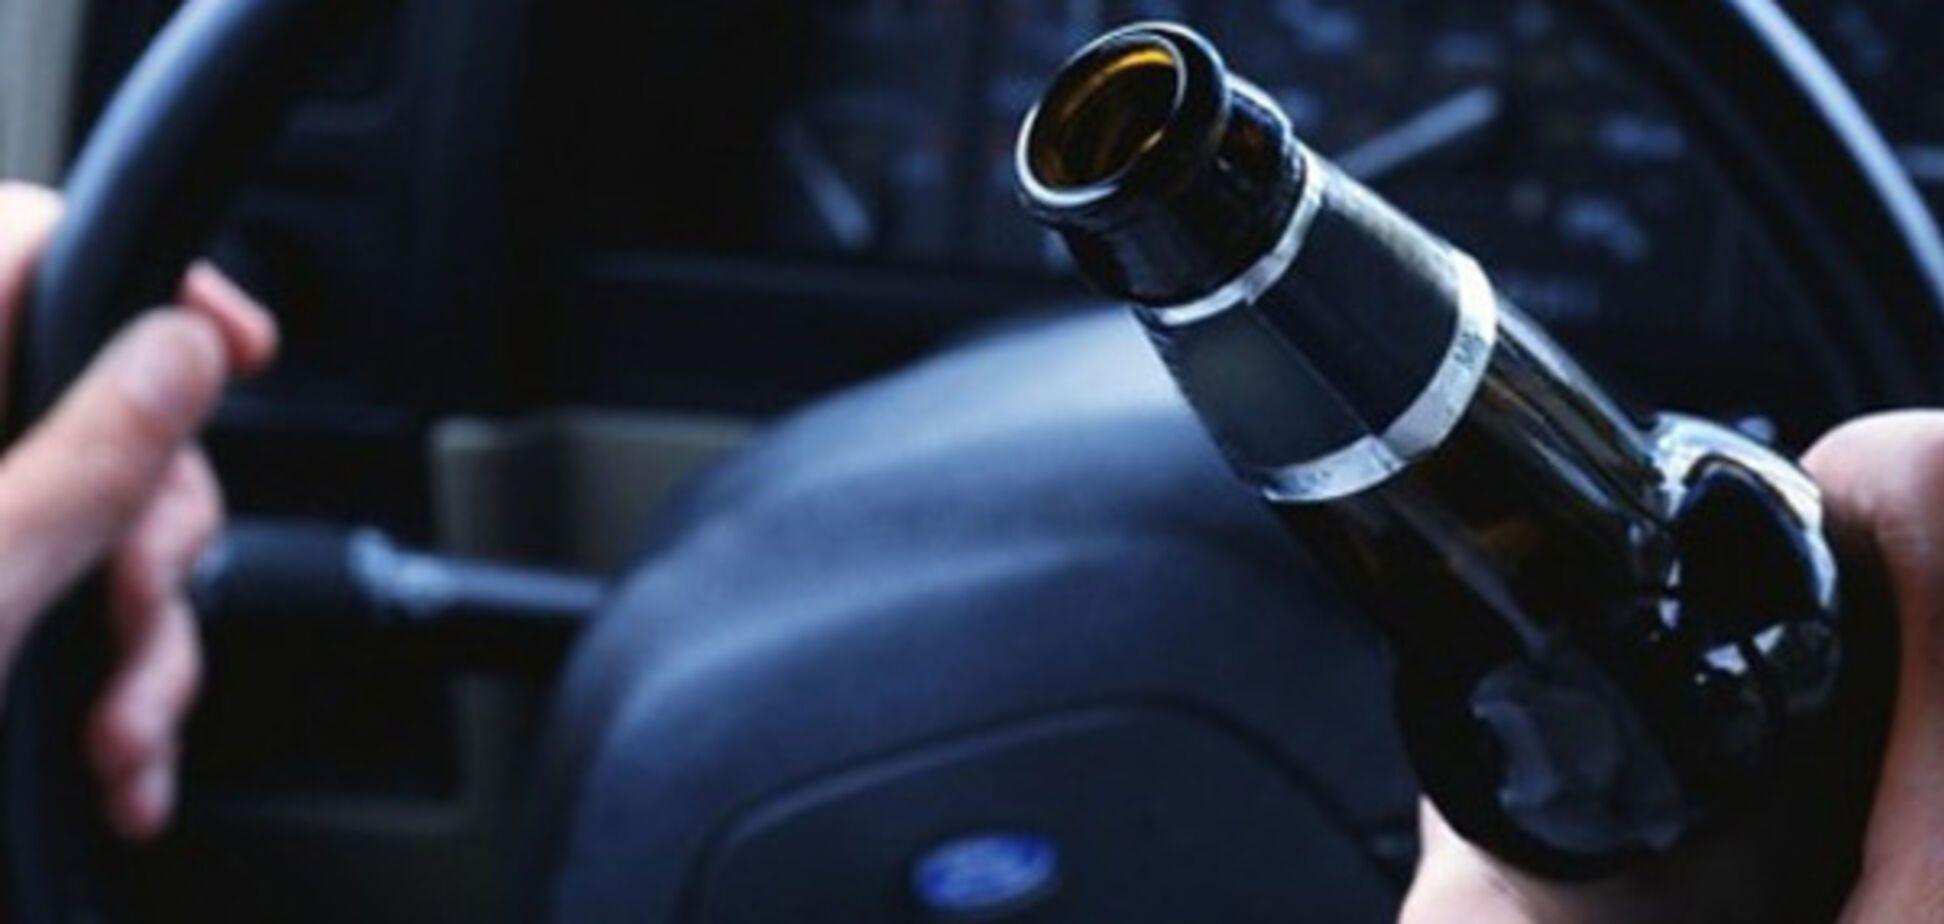 В Запорожье увеличилось количество пьяных водителей